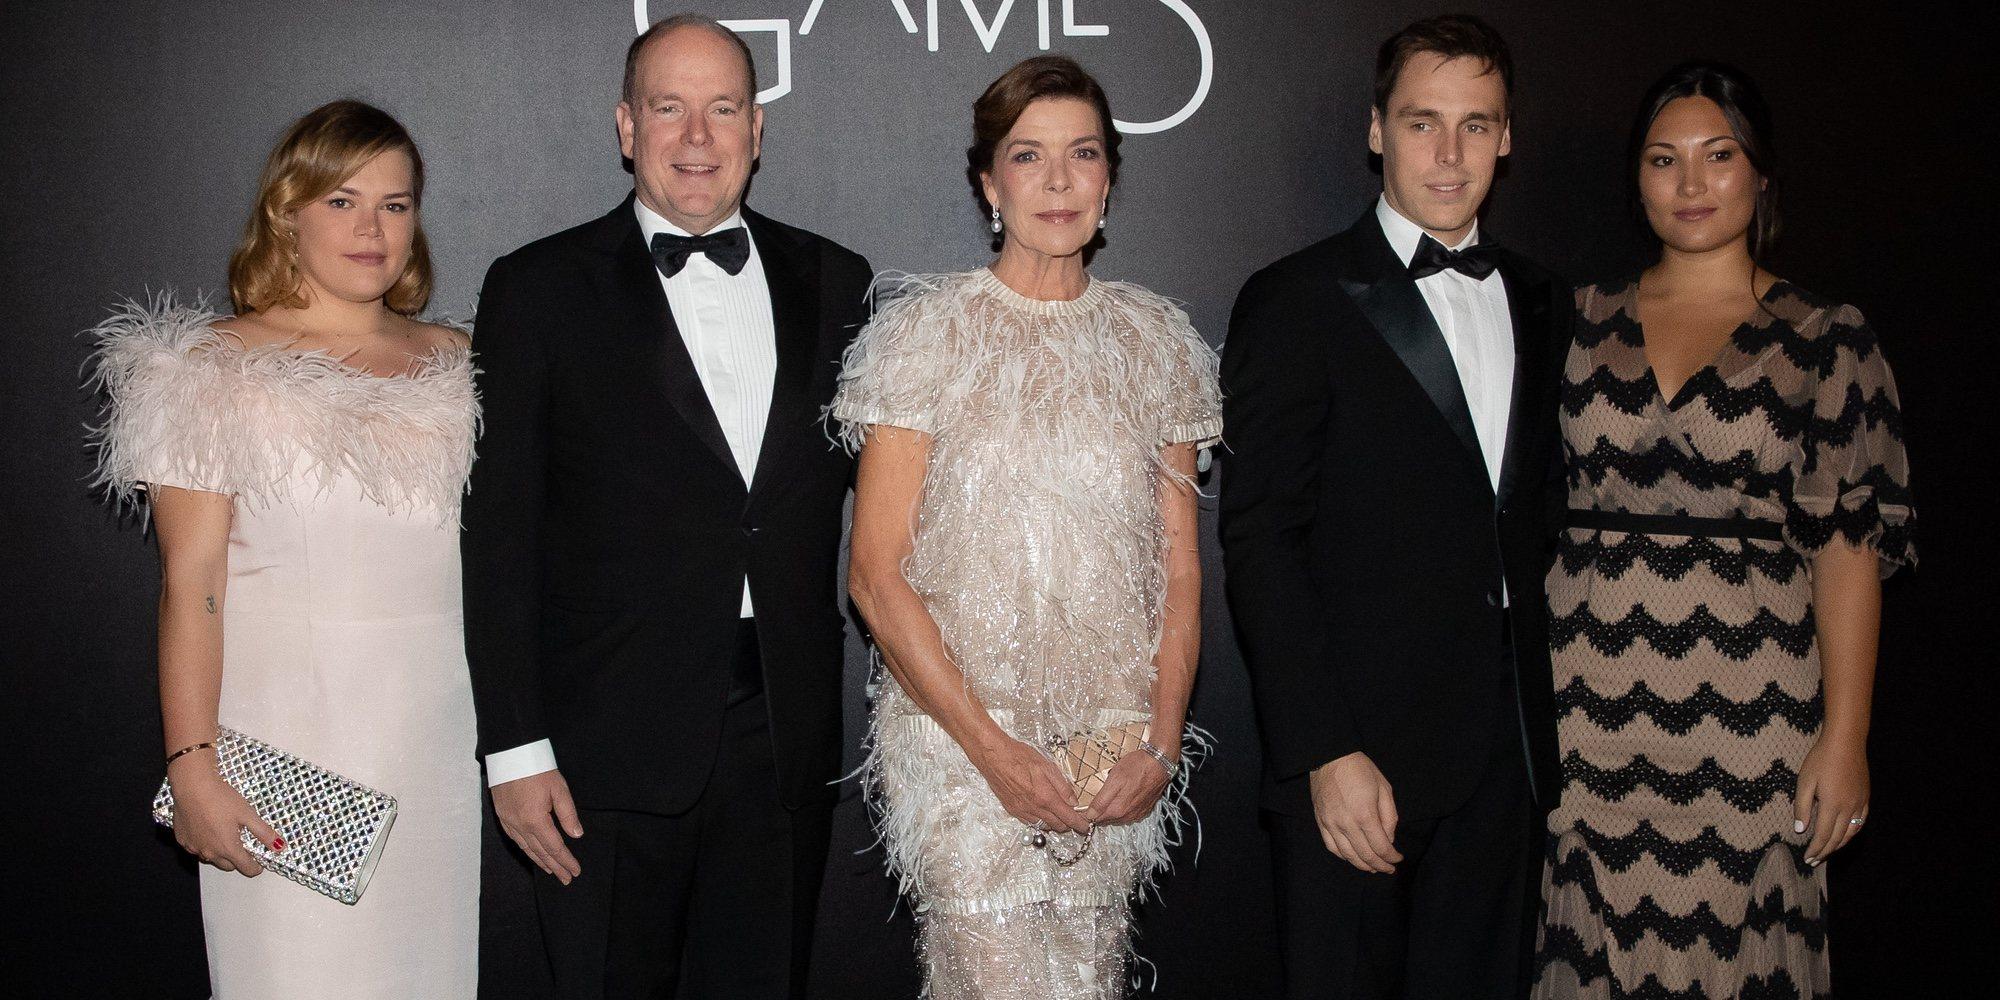 Elegancia y buen rollo familiar: Alberto y Carolina de Mónaco posan con Camille Gottlieb, Louis Ducruet y Marie Chevallier